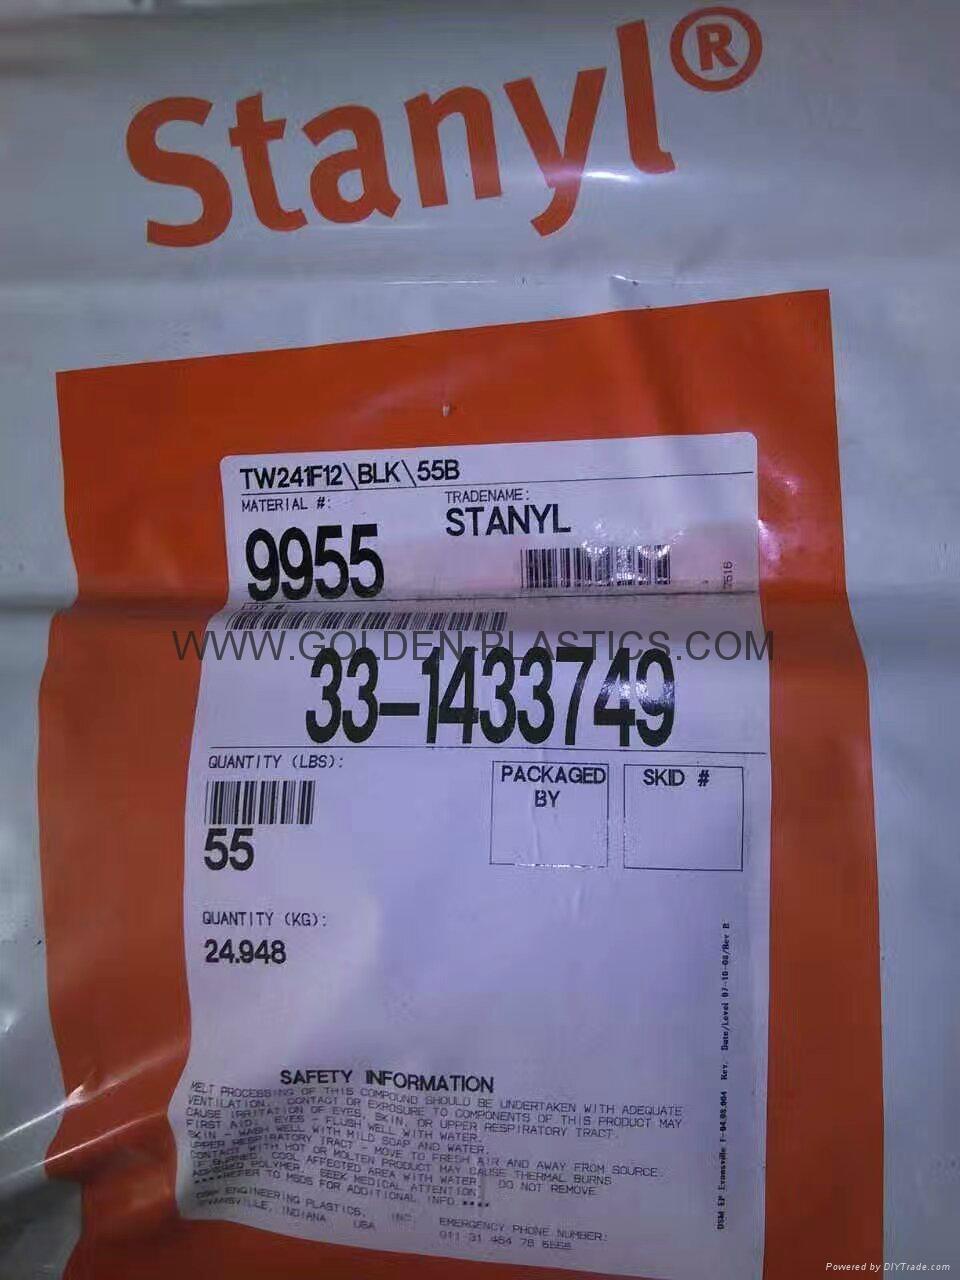 STANYL TW241F12